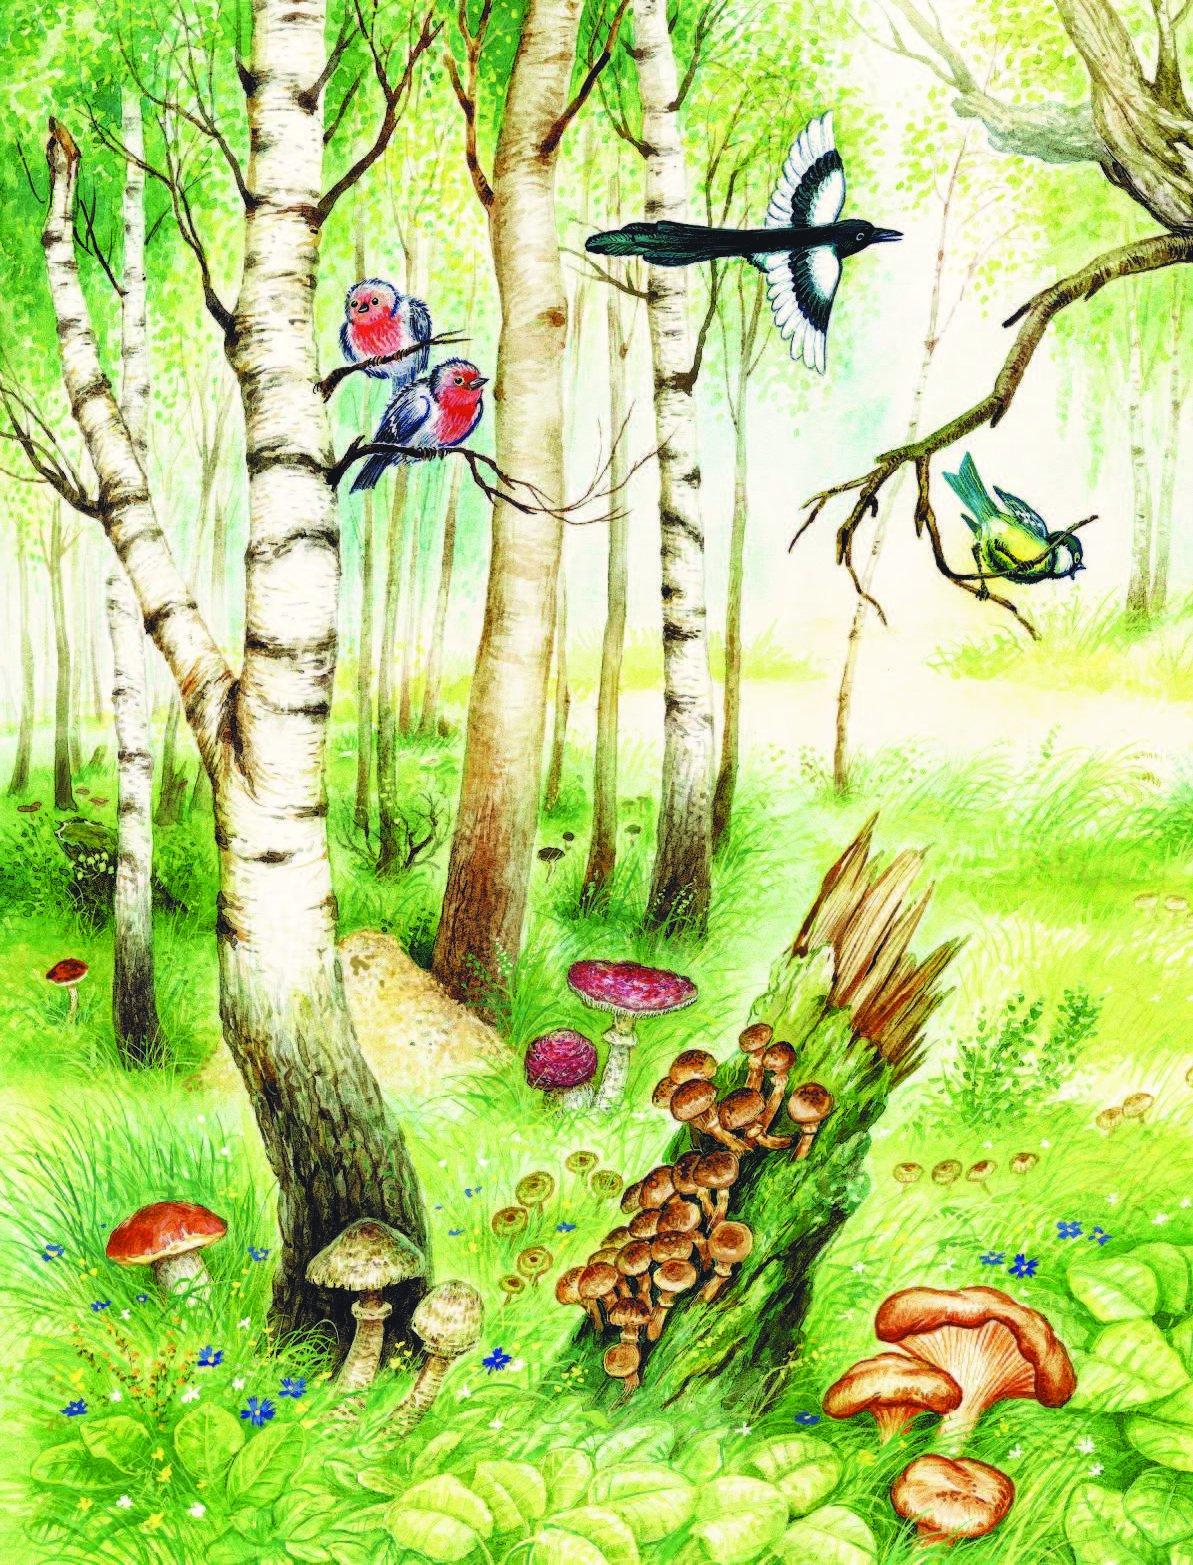 бывают вовсе лесные картинки отрывок неё появился